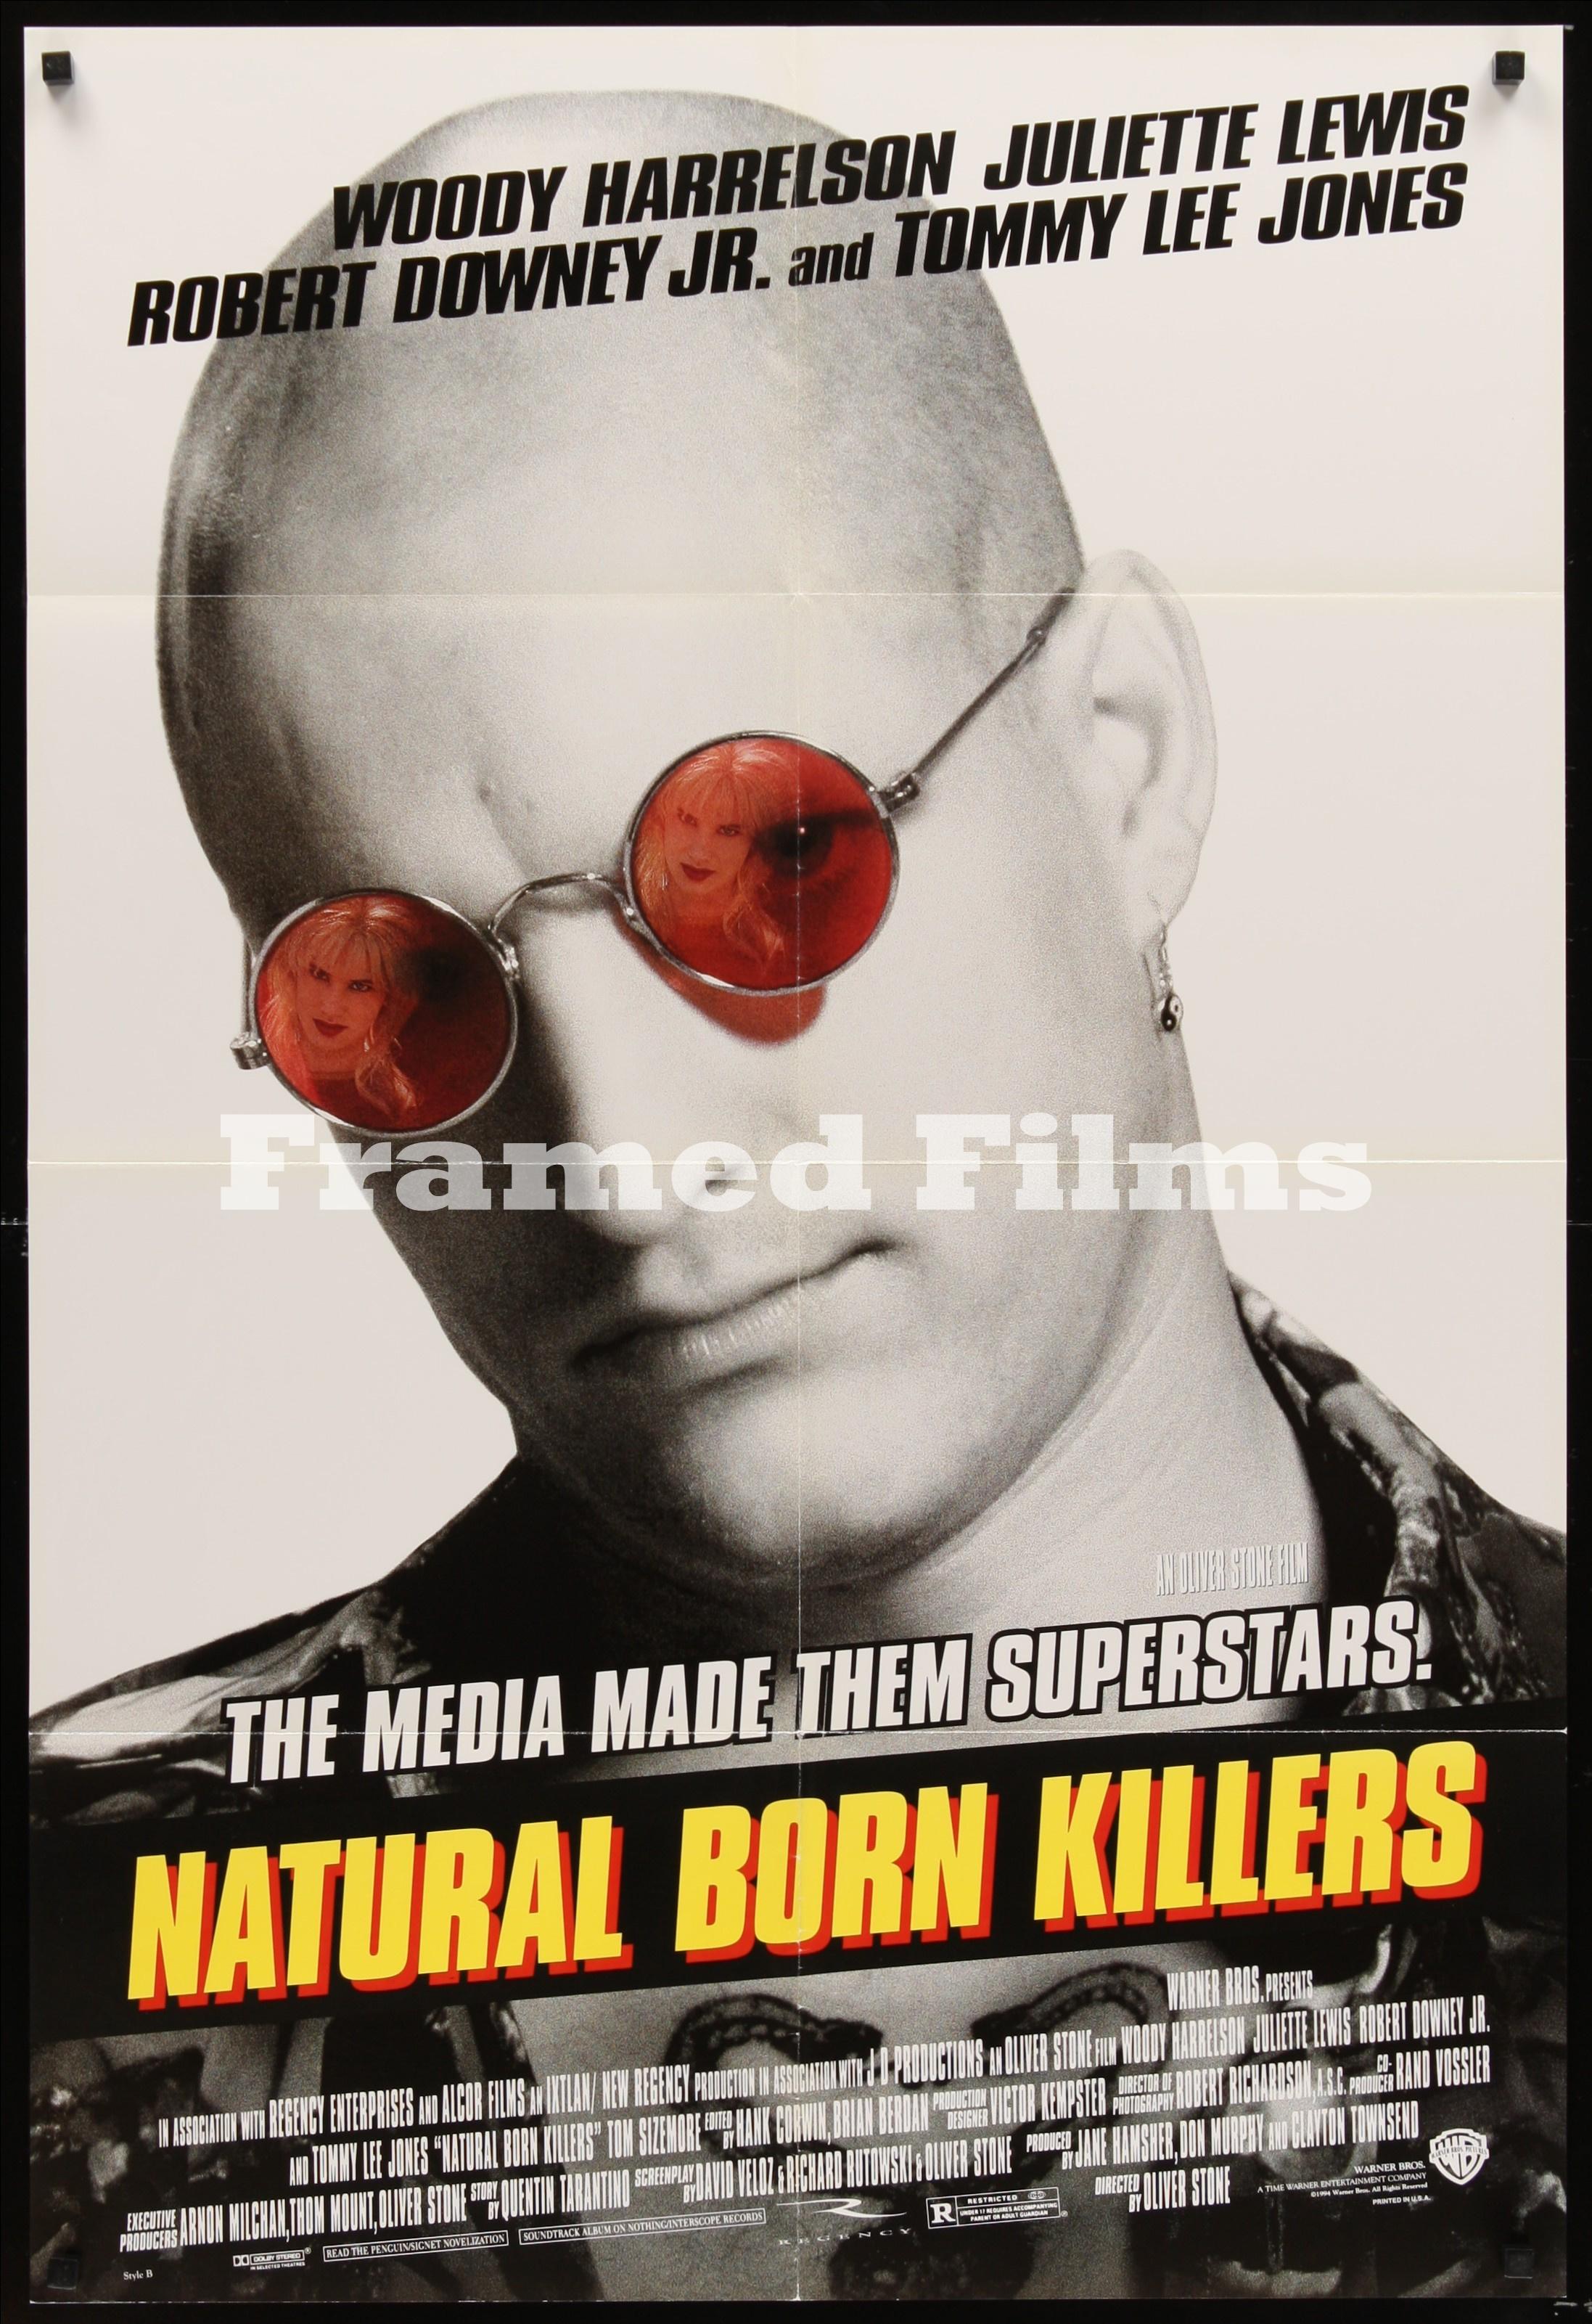 natural_born_killers_styleB_NZ03509_L.jpg